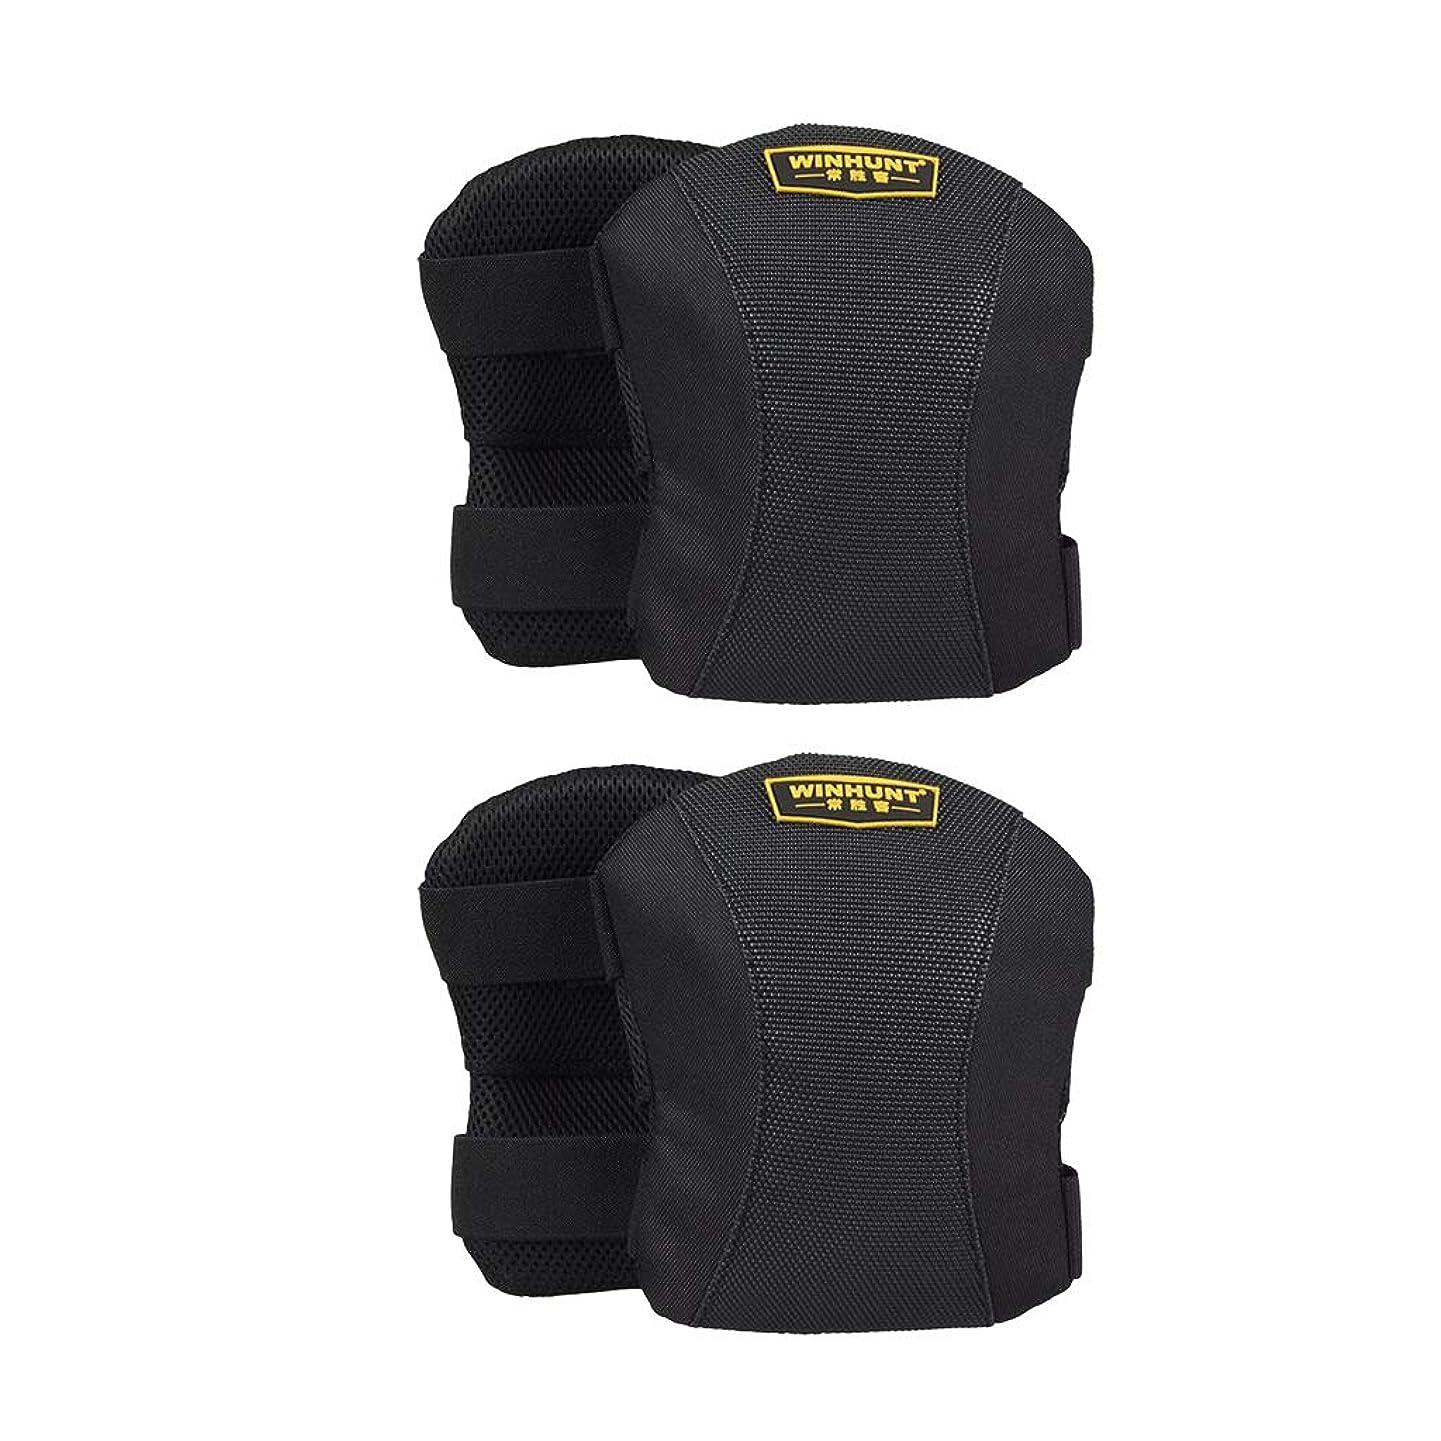 拷問相関するどんなときもSM SunniMix プロ仕様 膝当て 2組 フォームパッド 膝プロテクター DIY 作業用 ガーデニング 建築 薄型 防水 ひざパッド